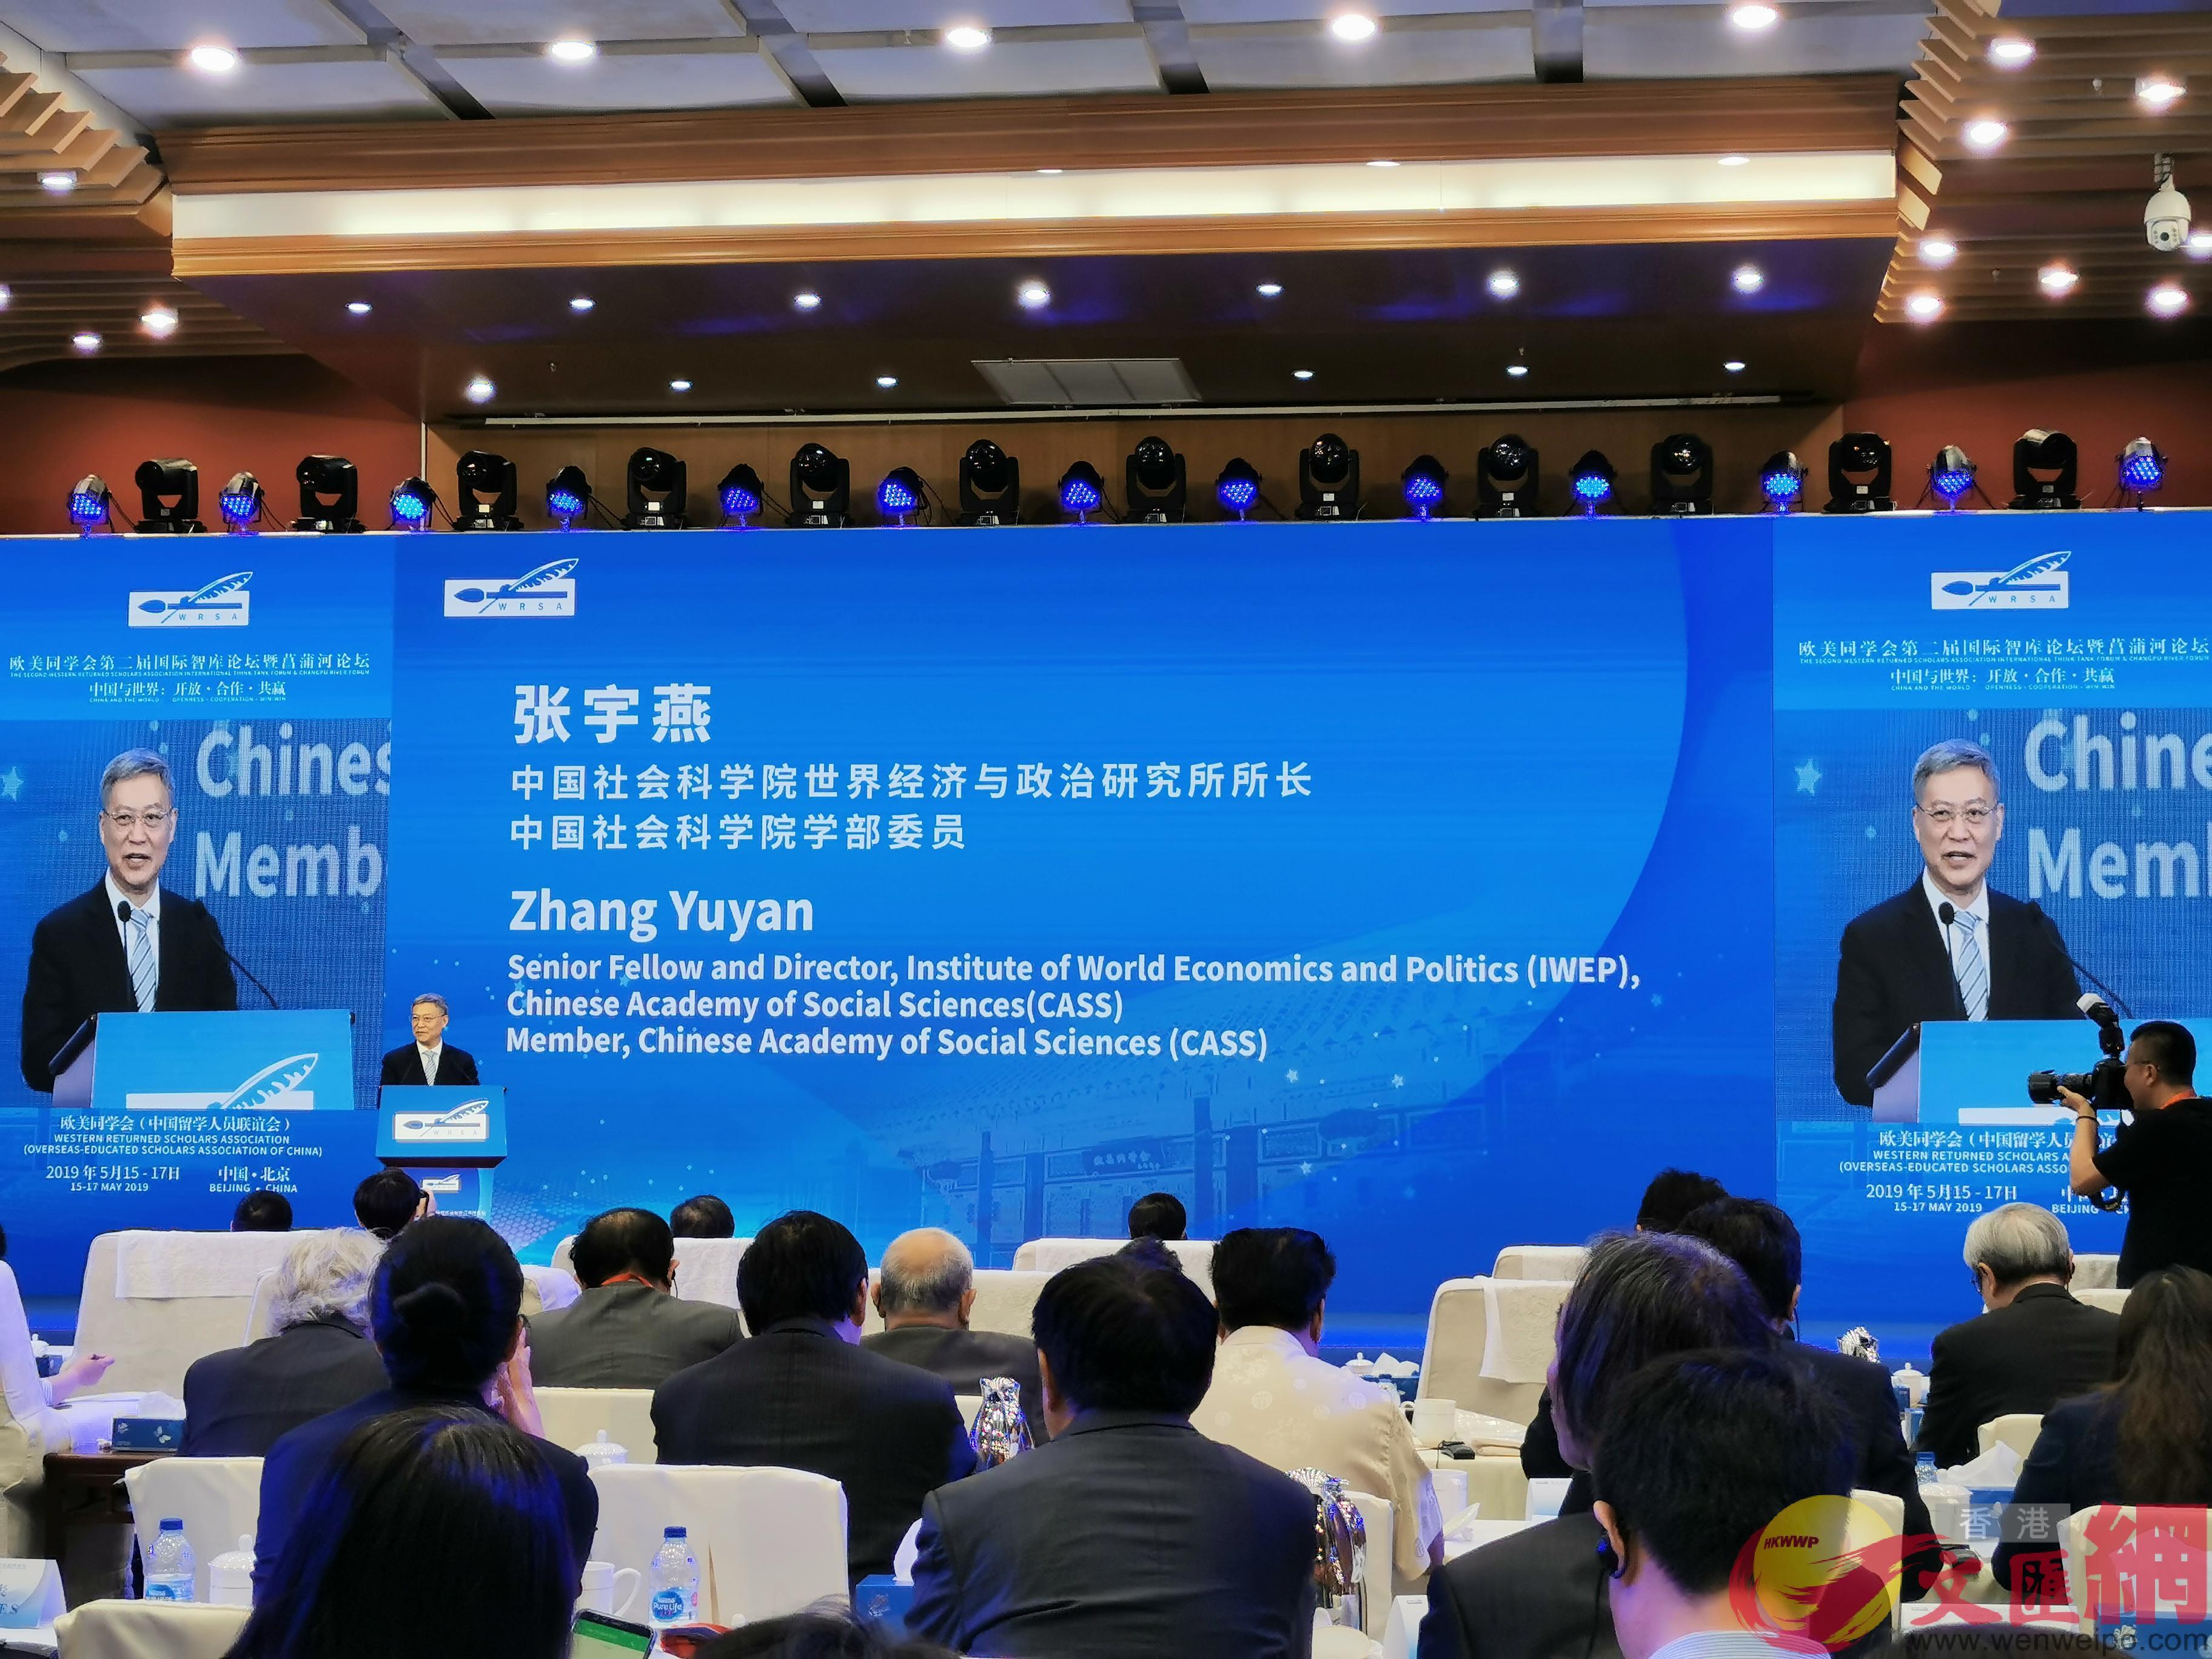 中國社科院學部委員、中國社科院世界經濟與政治研究所所長張宇燕發表演講(記者張帥攝)